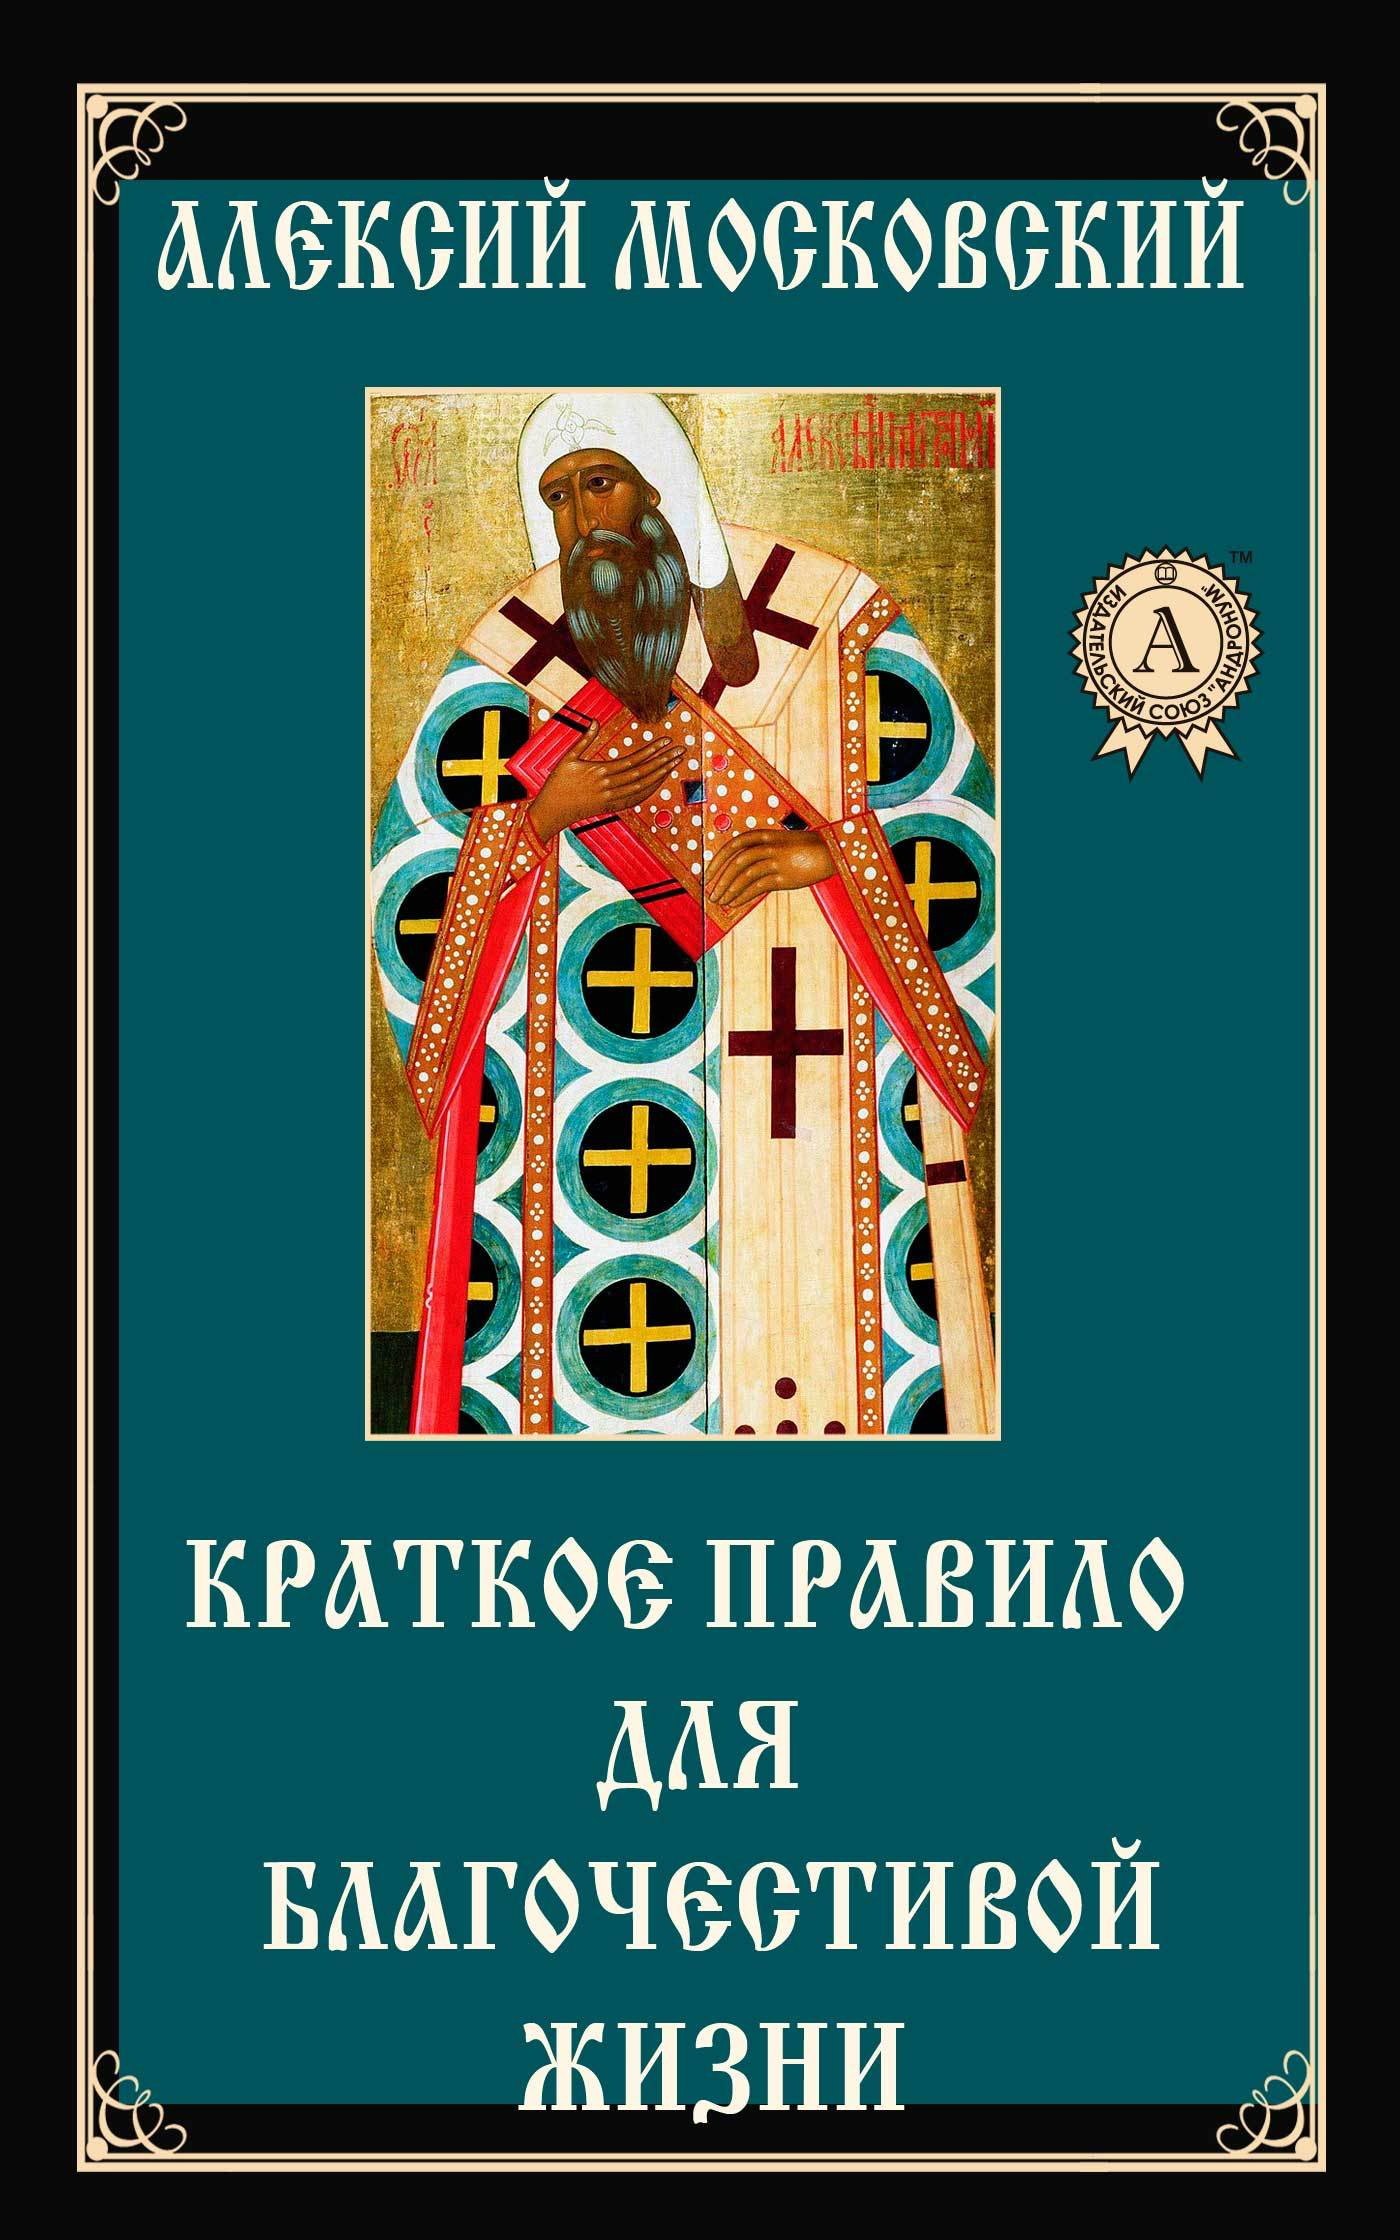 цены на Алексий Московский Святитель Краткое правило для благочестивой жизни  в интернет-магазинах